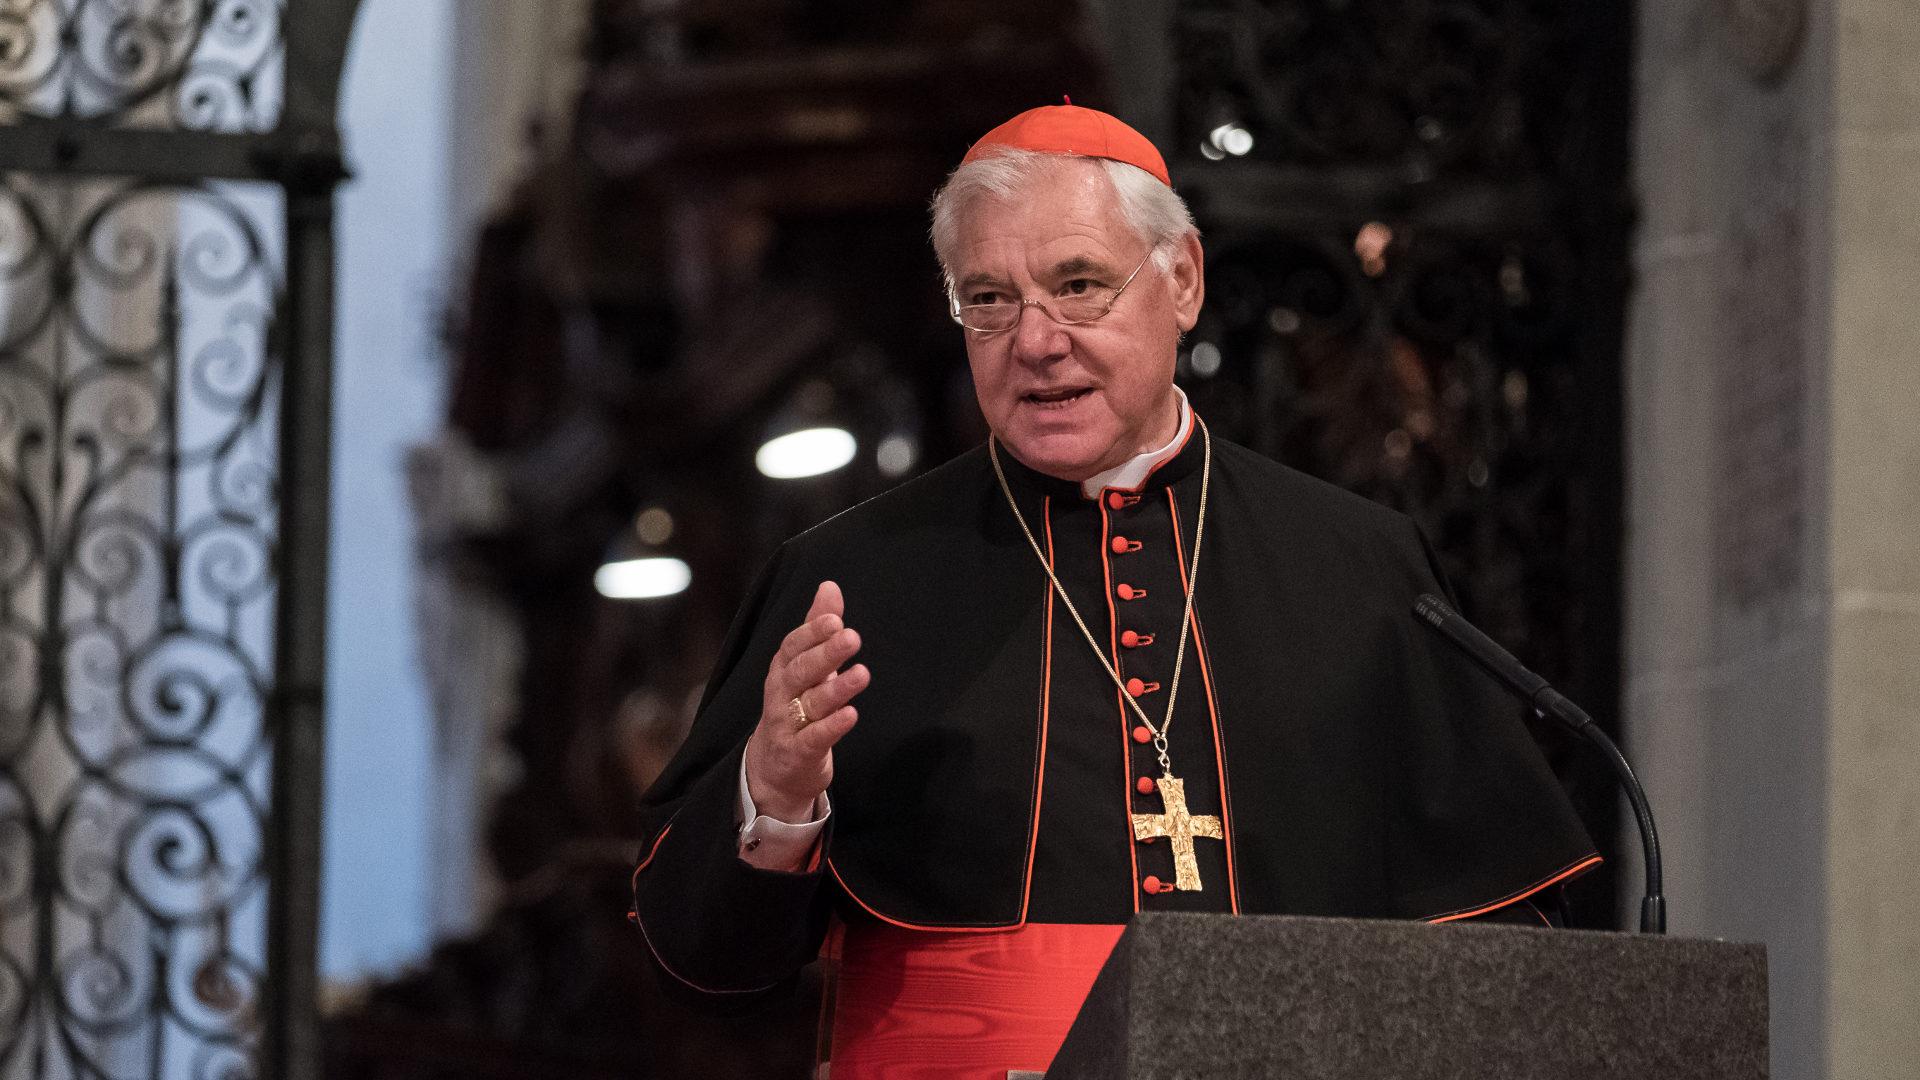 Cardenal Muller